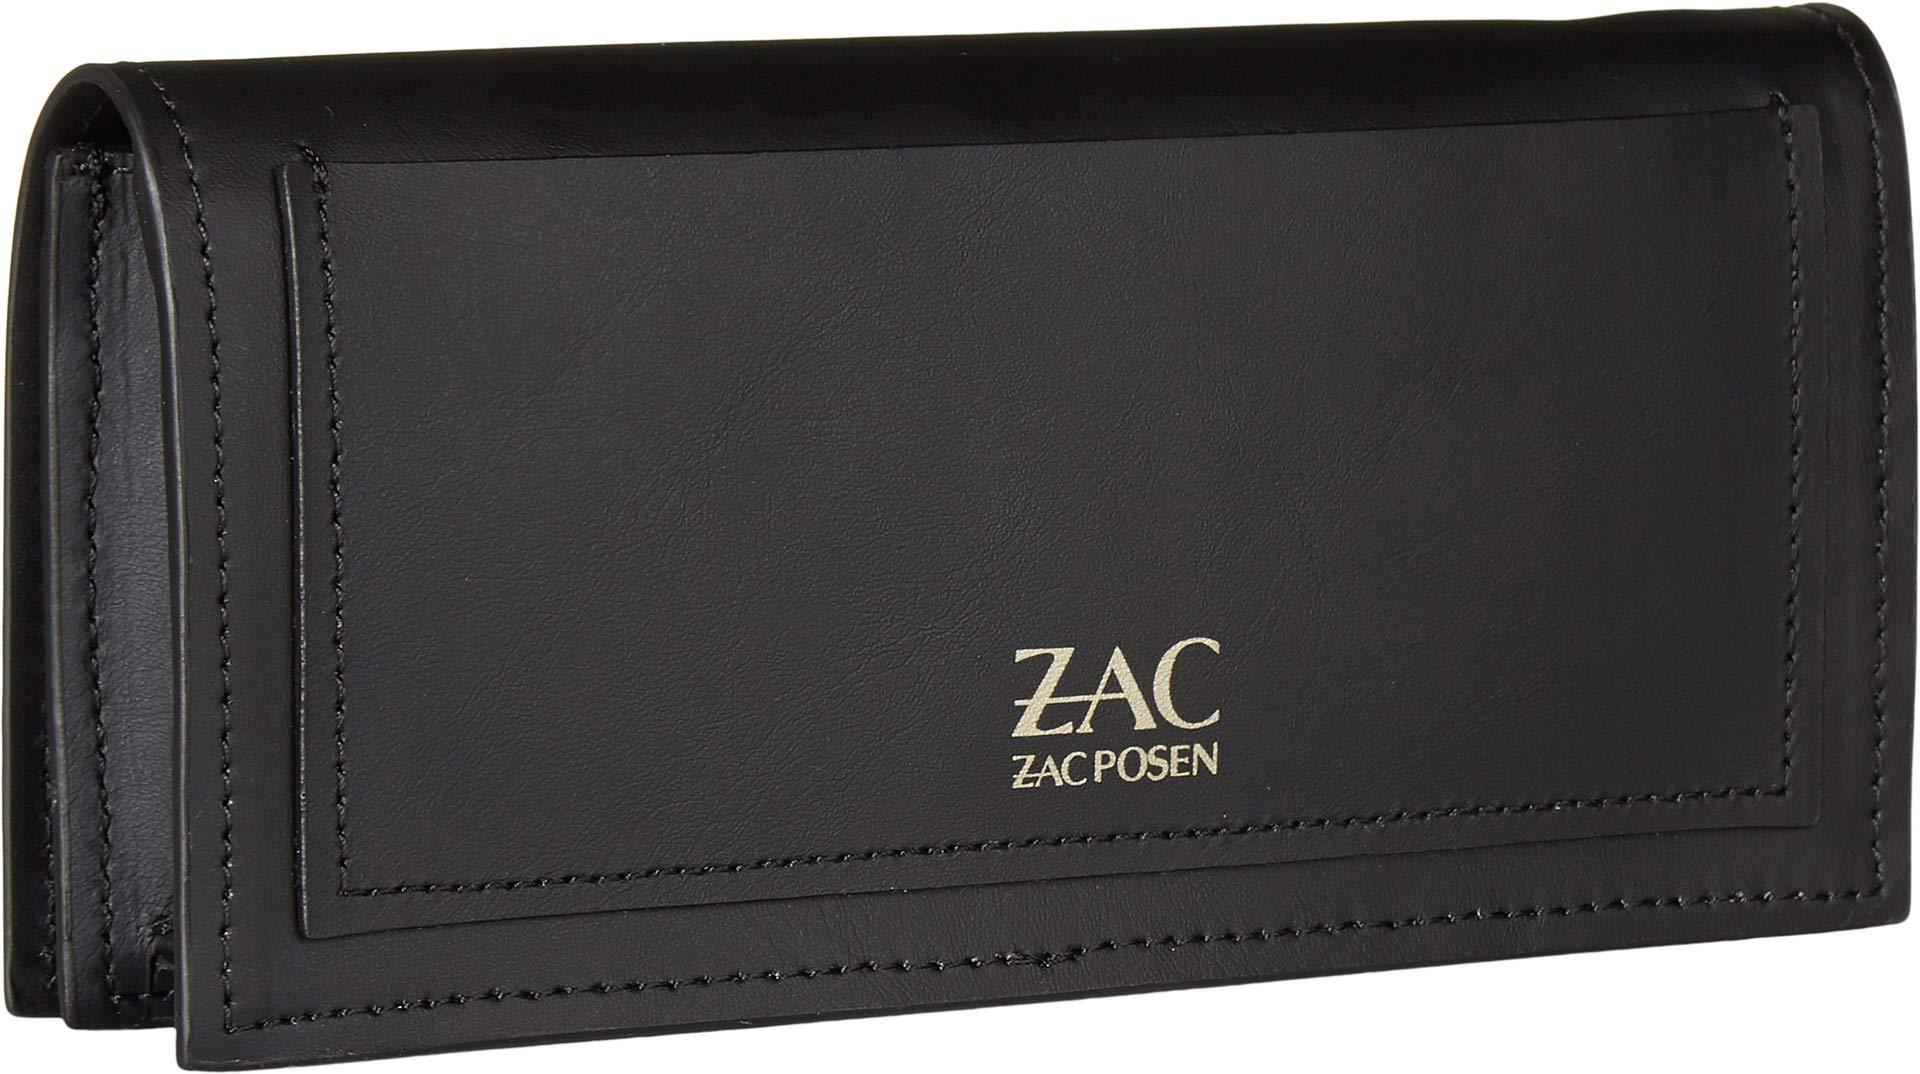 ZAC Zac Posen Earthette Wristlet, Black by ZAC Zac Posen (Image #2)